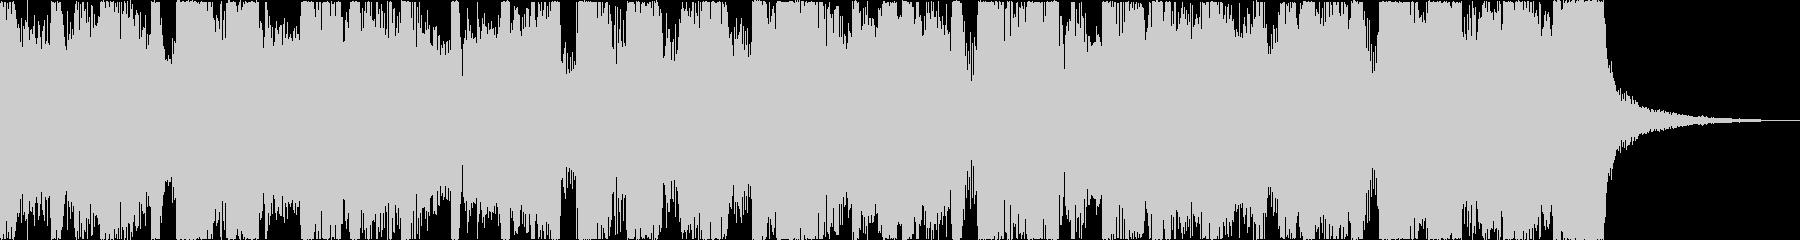 おしゃれレトロディスコシティポップhの未再生の波形